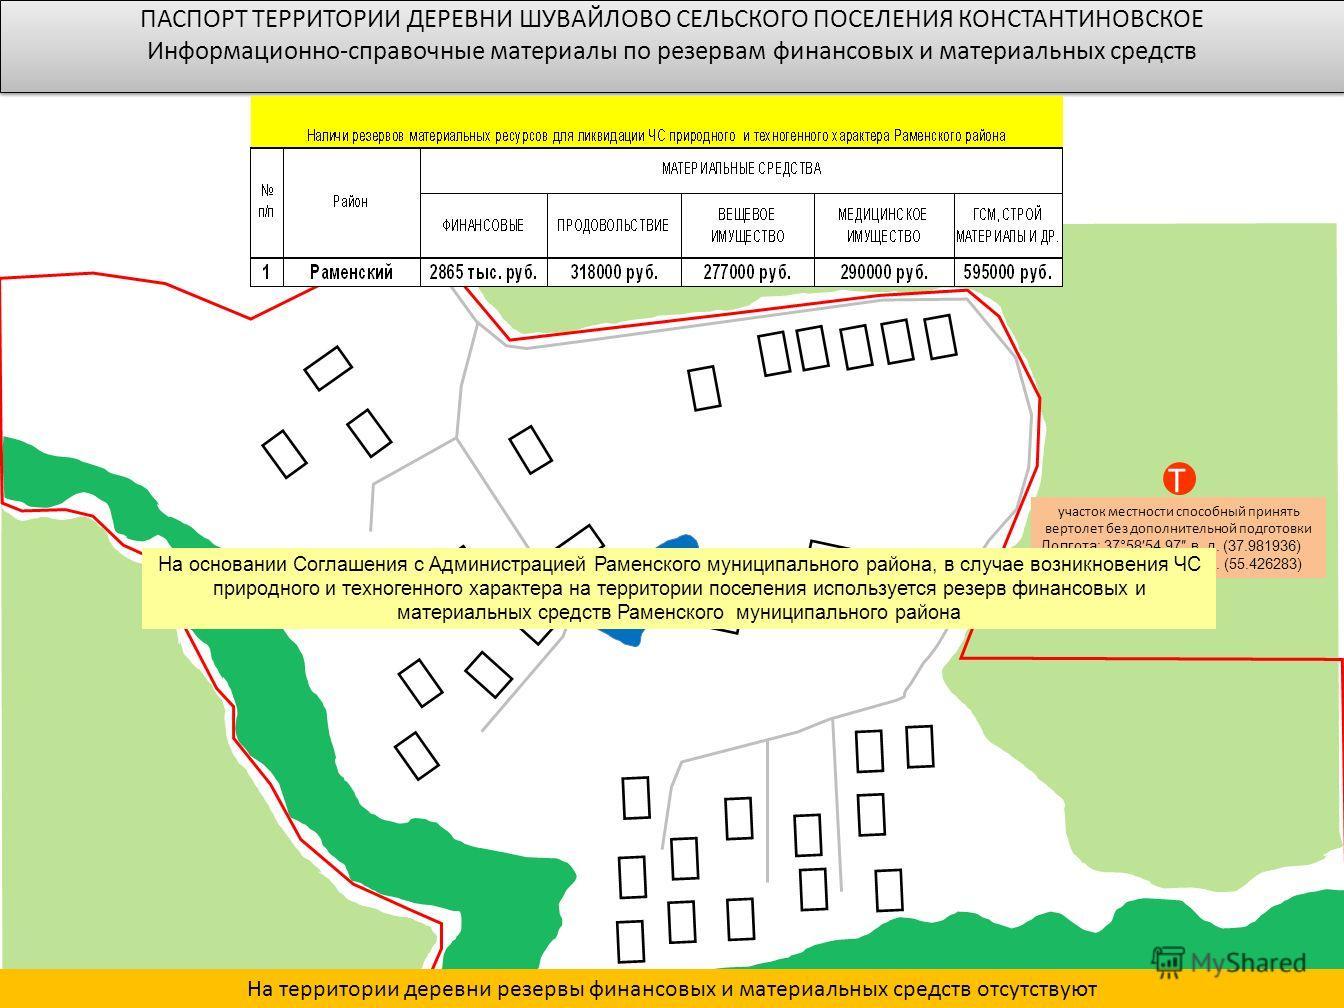 T участок местности способный принять вертолет без дополнительной подготовки Долгота: 37°5854.97 в. д. (37.981936) Широта: 55°2534.62 с. ш. (55.426283) ПАСПОРТ ТЕРРИТОРИИ ДЕРЕВНИ ШУВАЙЛОВО СЕЛЬСКОГО ПОСЕЛЕНИЯ КОНСТАНТИНОВСКОЕ Информационно-справочные